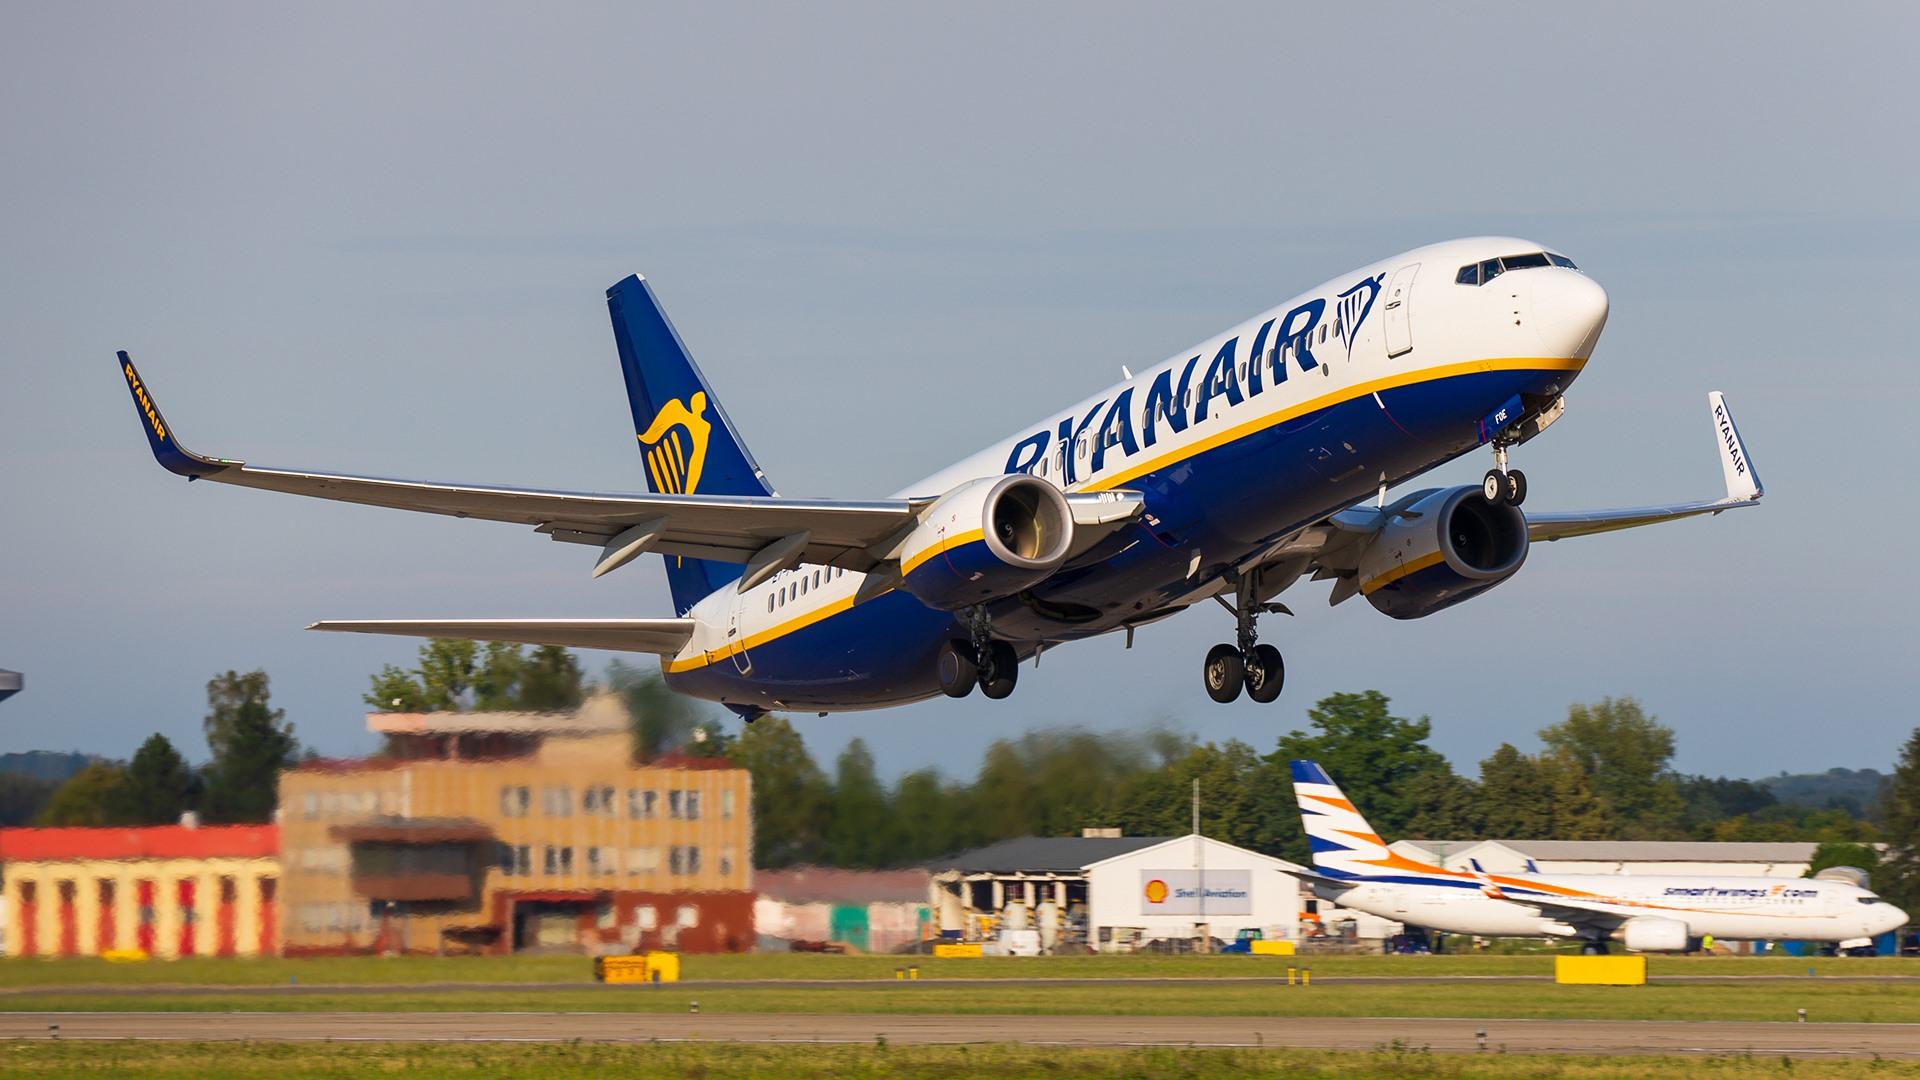 Boeing 737-800 společnosti Ryanair v Ostravě. Foto: Radim Koblížka / LKMT Spotters